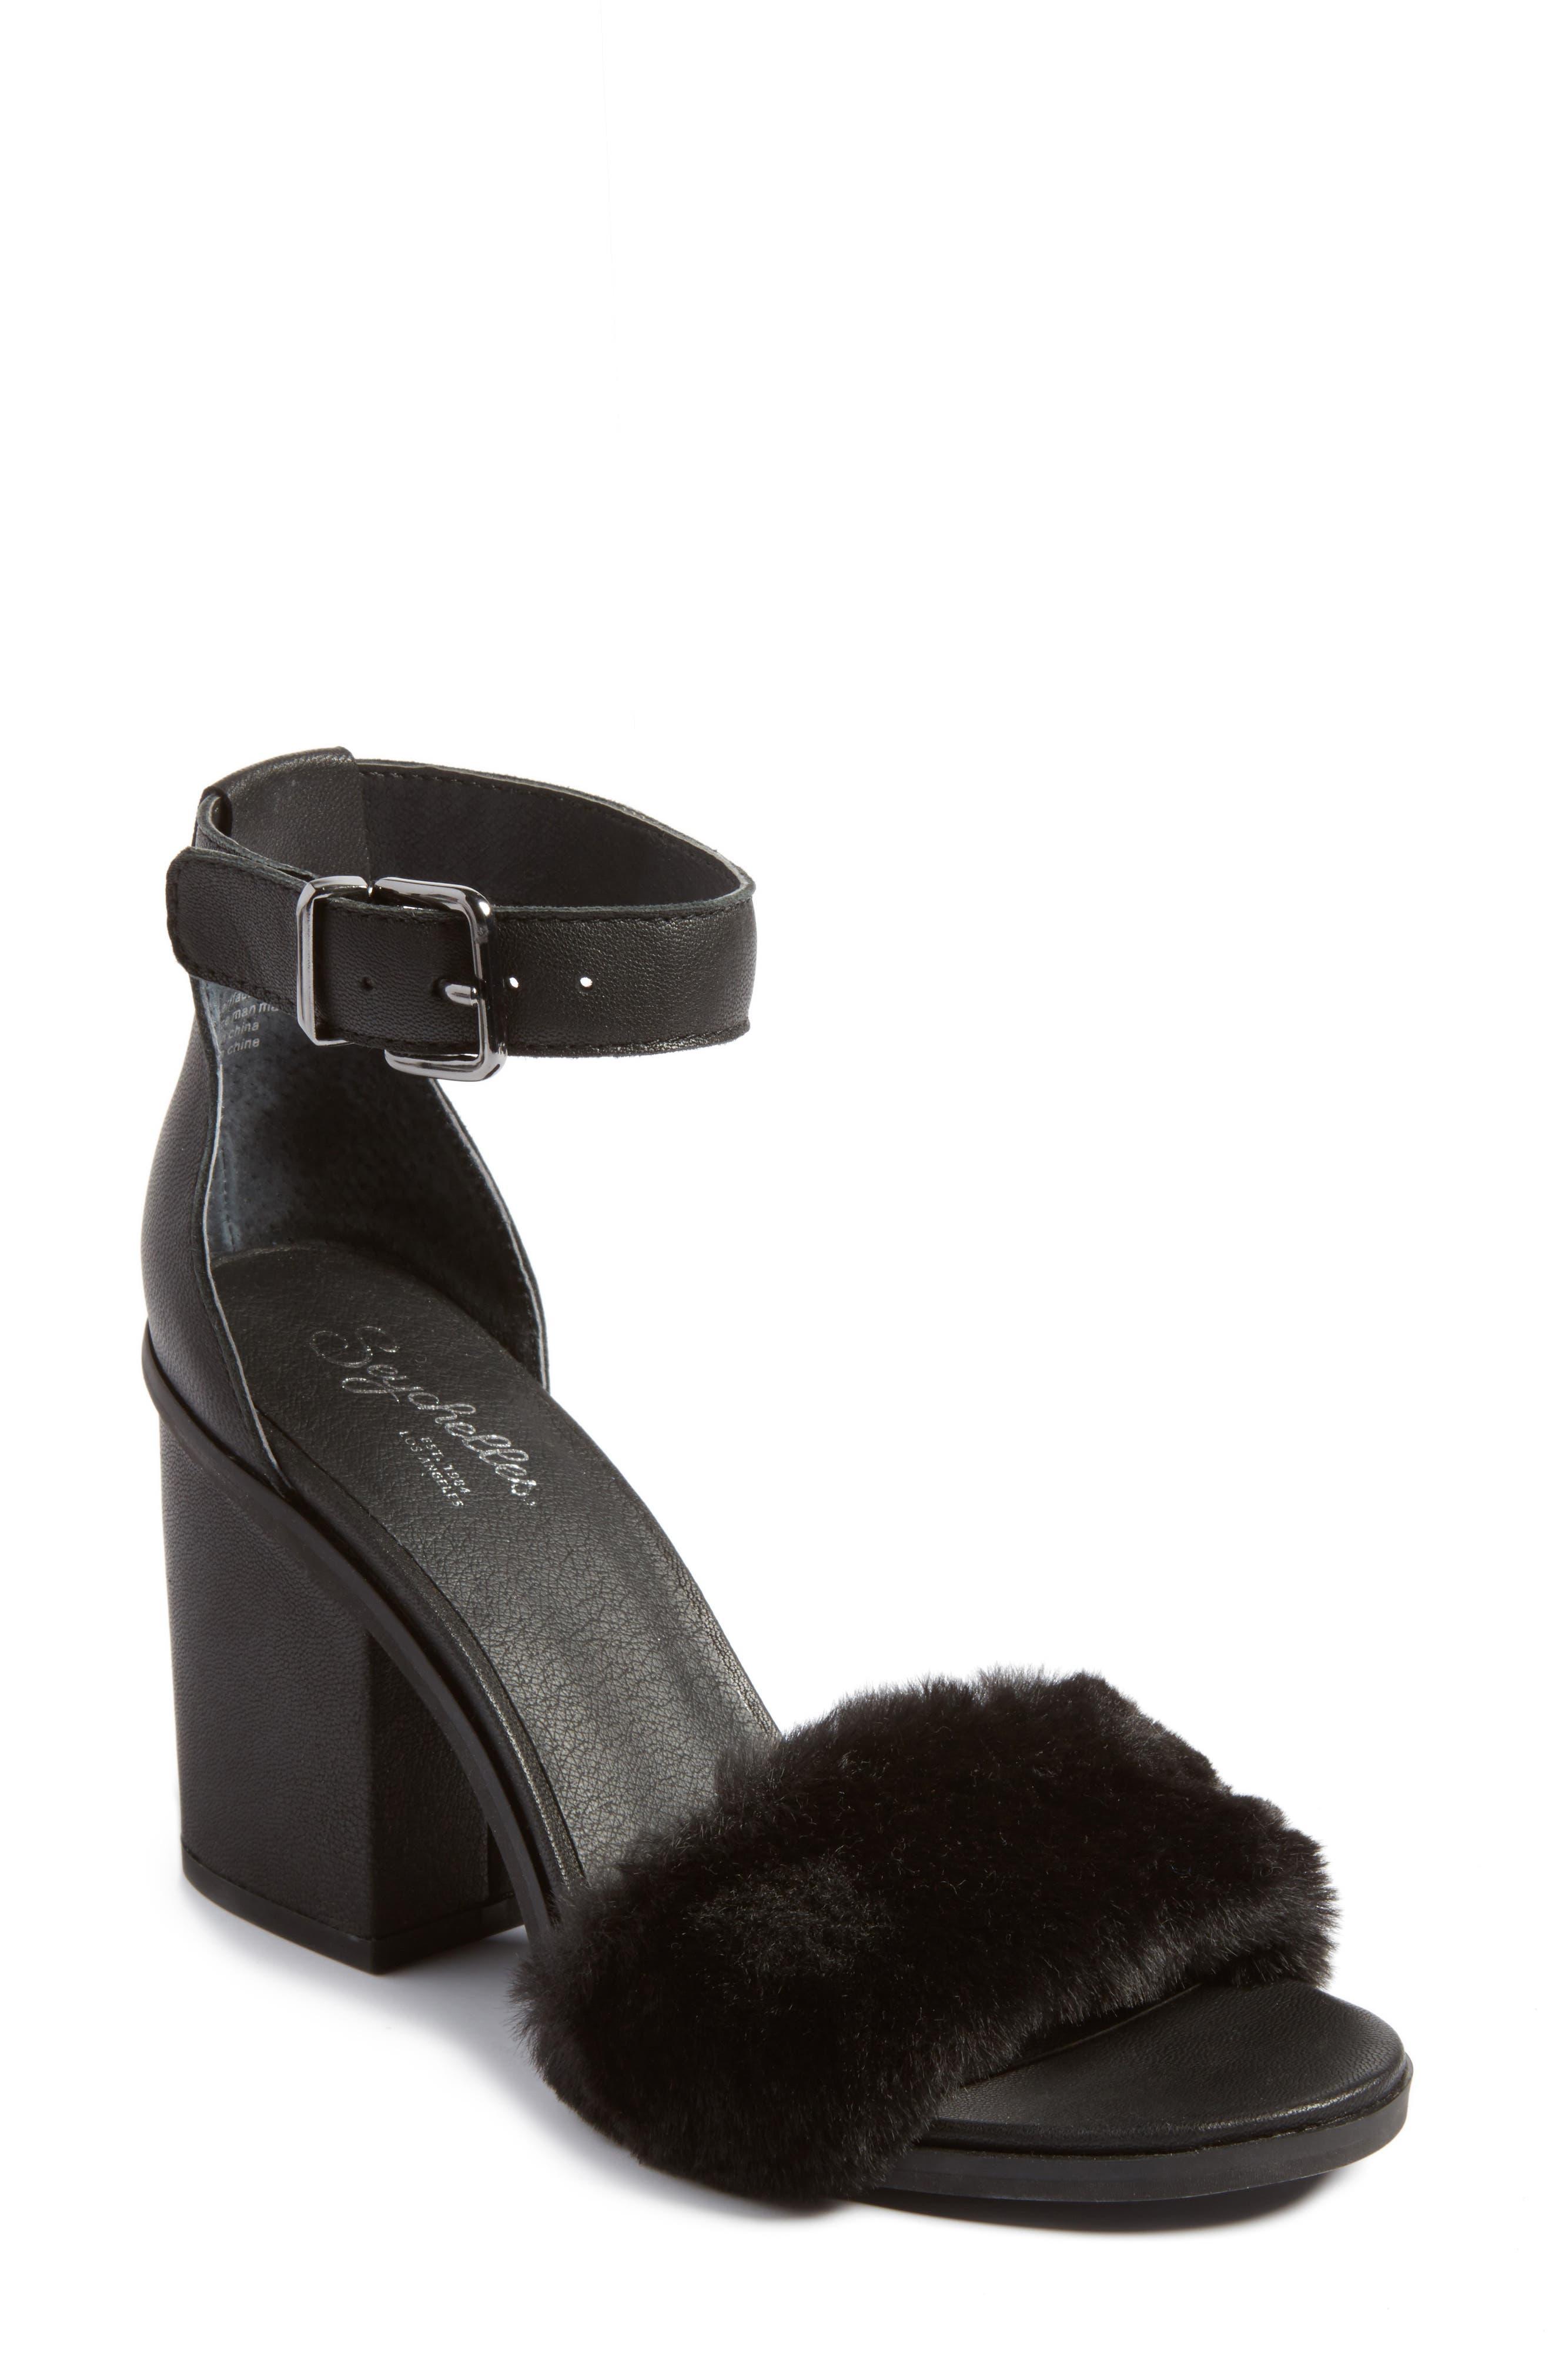 Faux Fur Ankle Strap Sandal,                         Main,                         color, Black Faux Fur Leather